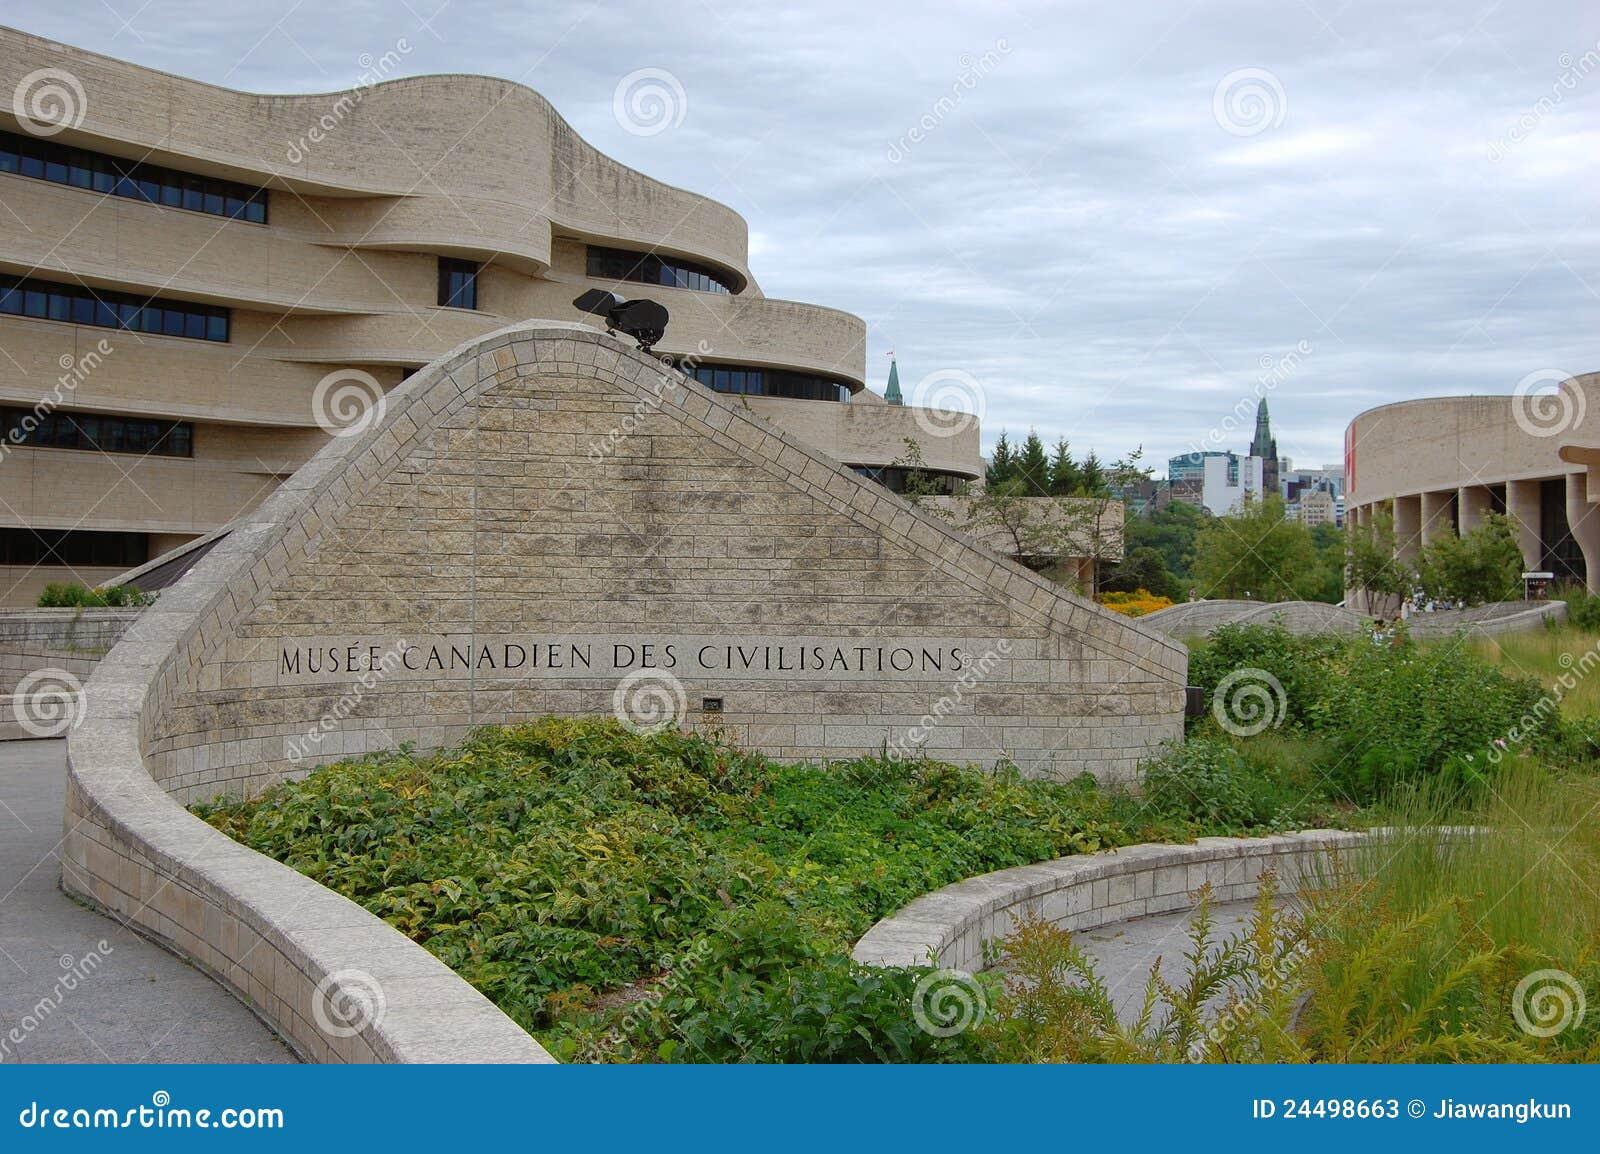 Canadian museum of civilization gatineau quebec for Museum of civilization quebec